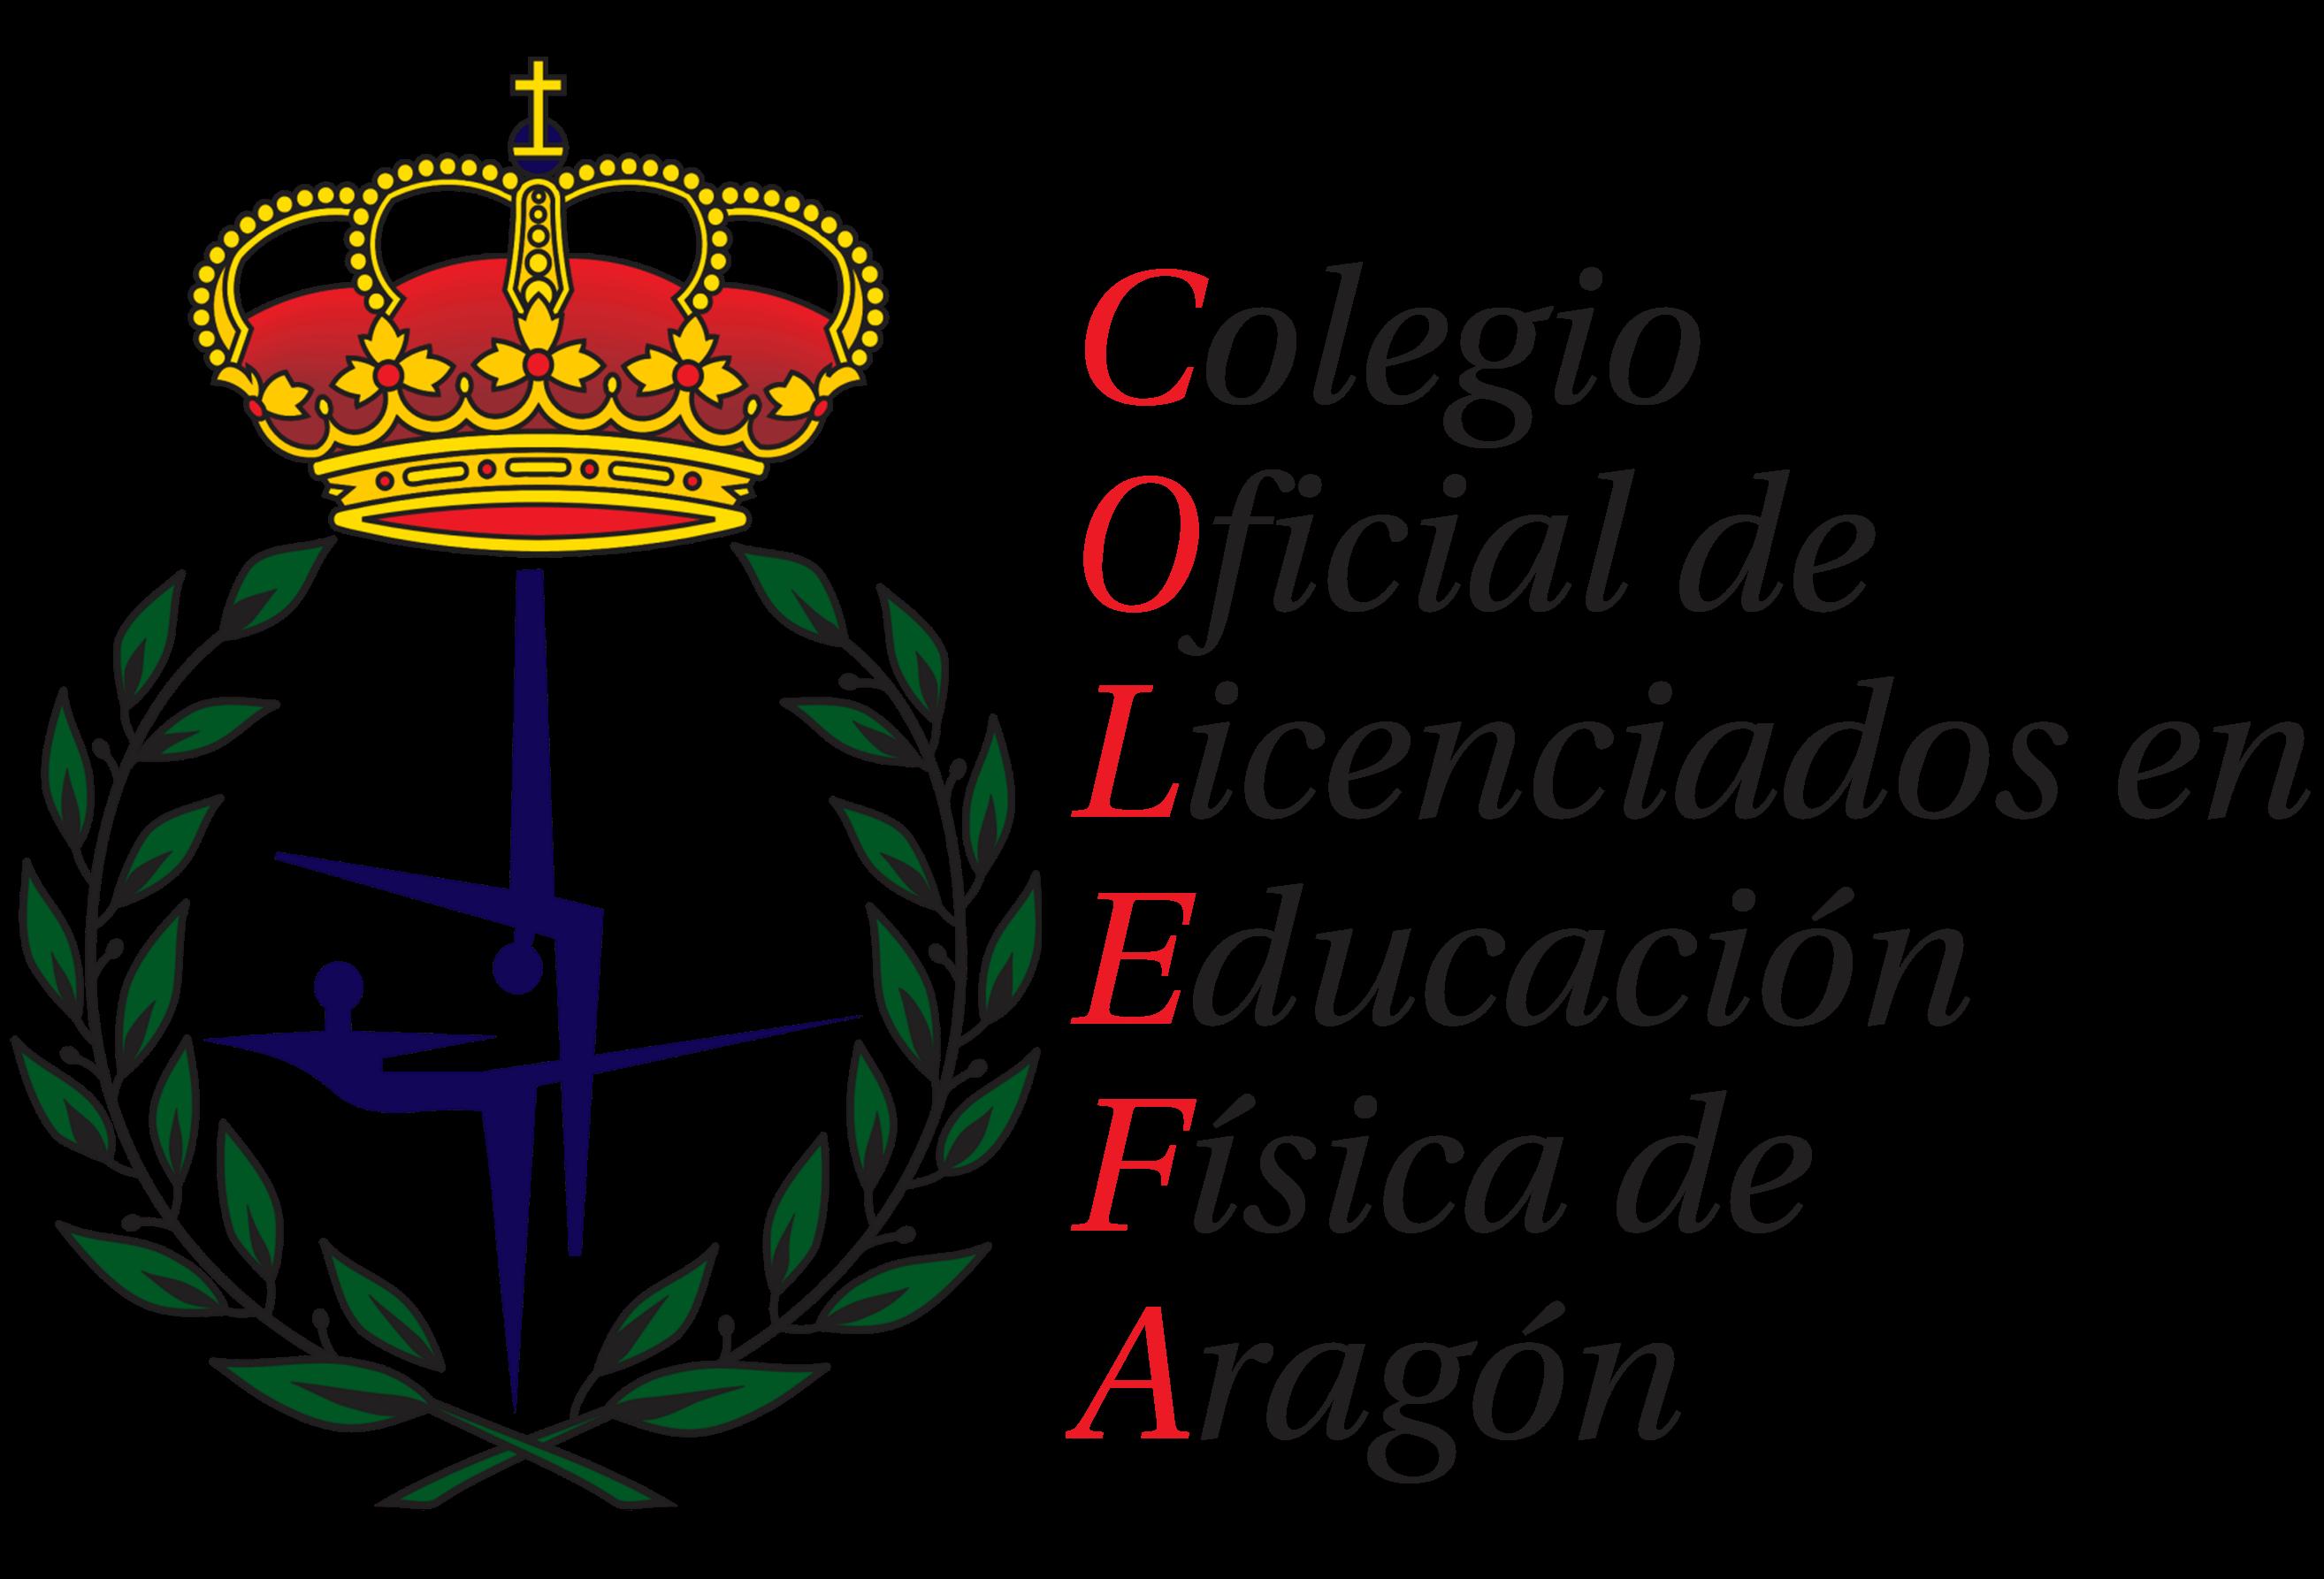 Colegio Oficial de Licenciados en Educación Física de Aragón